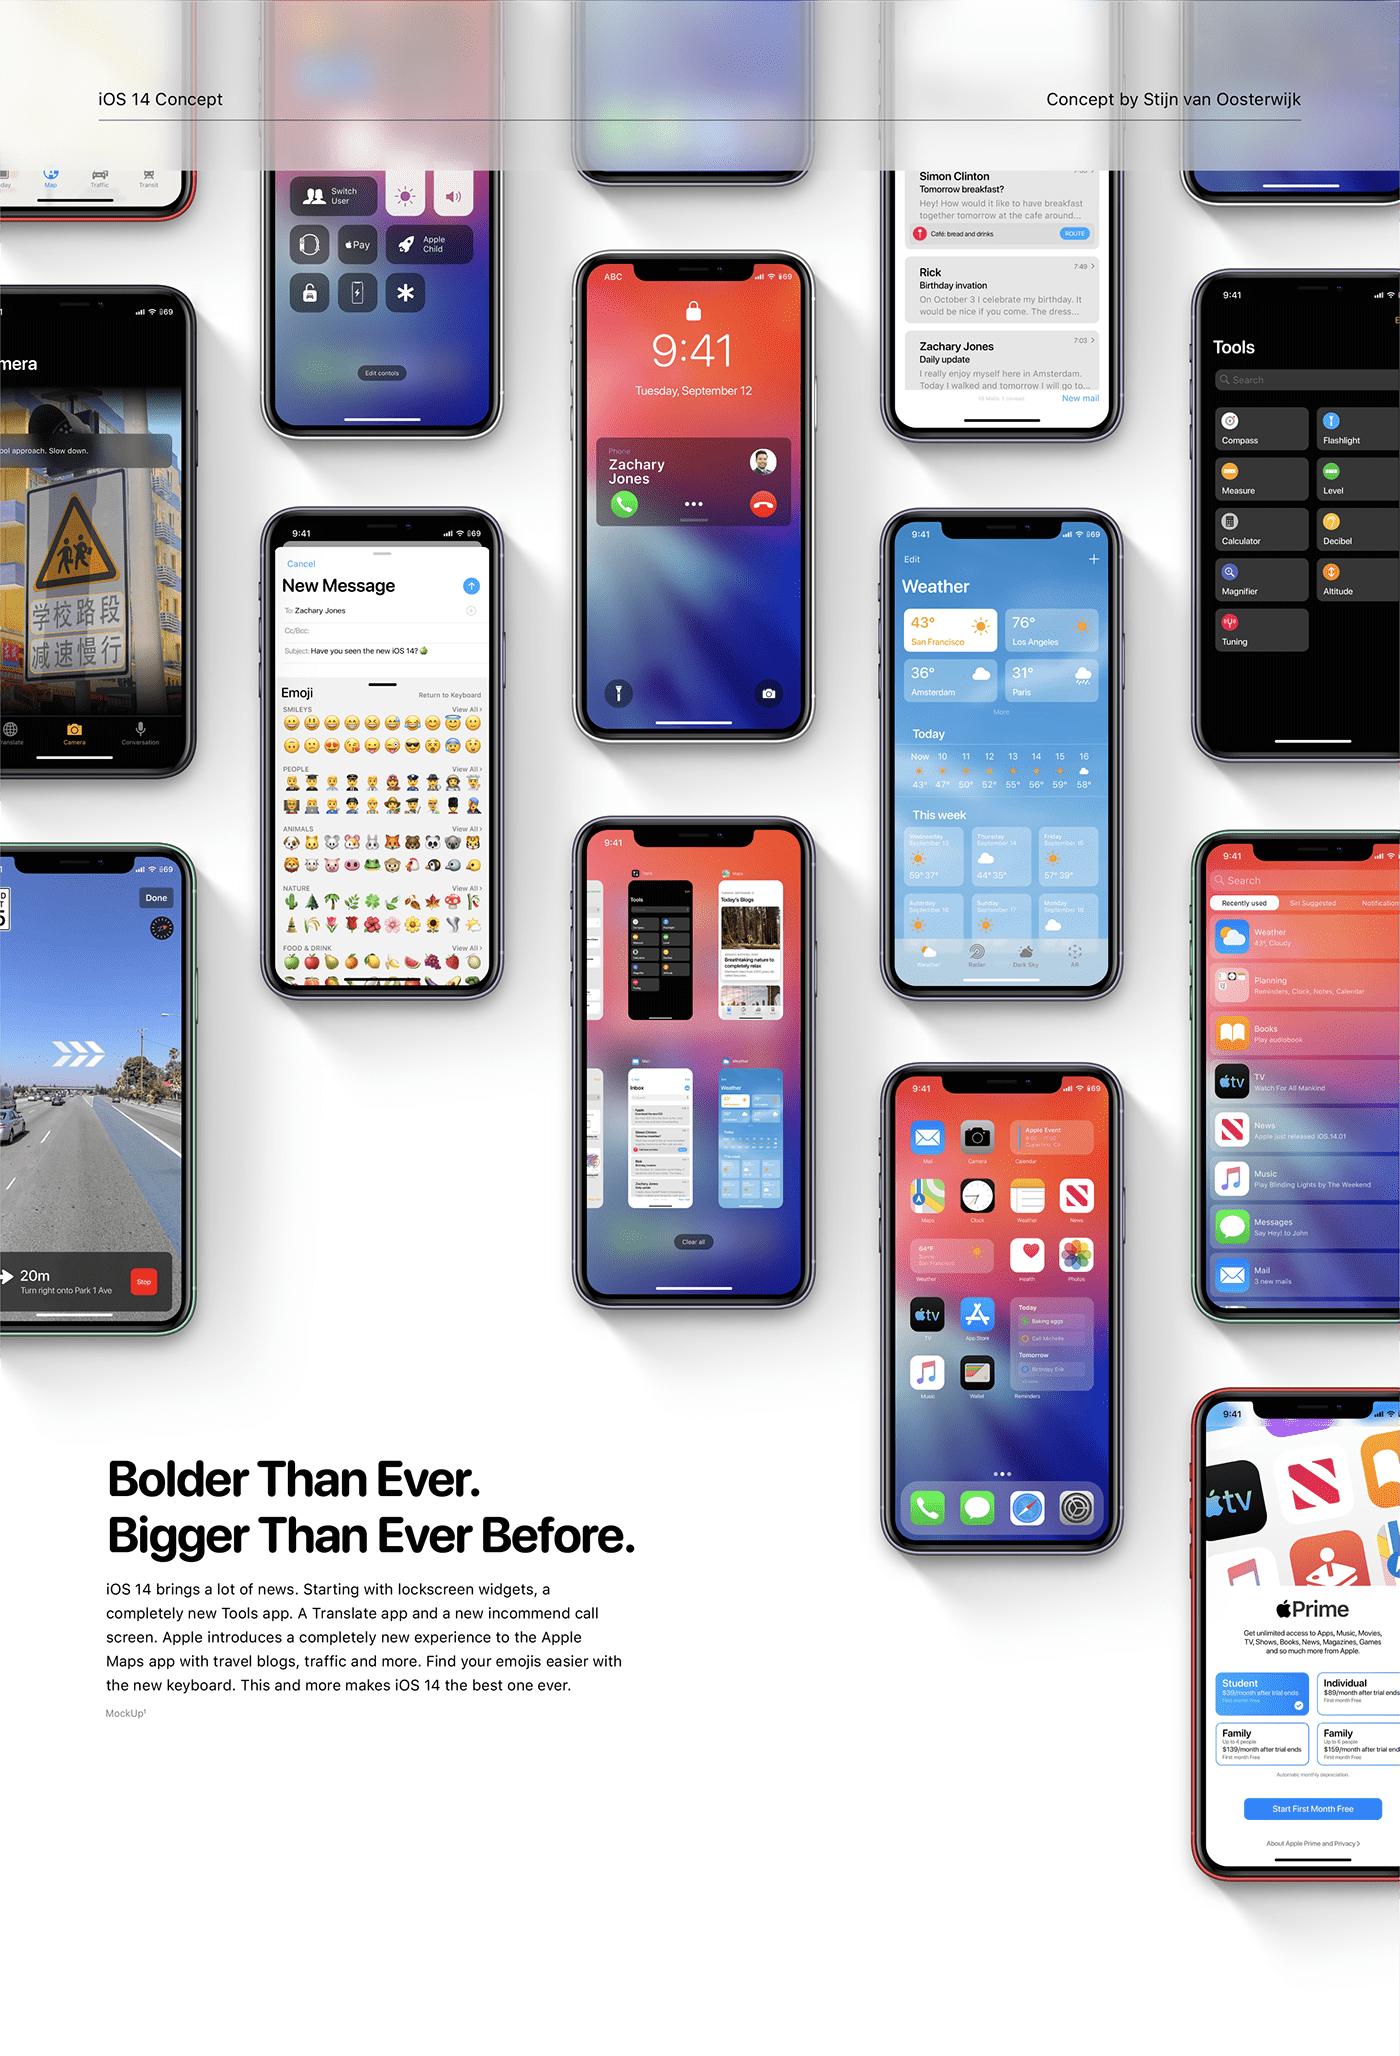 apple concept ios iphone ios 14 iOS 14 concept ios concept iPadOS 14 iphoneOS 14 iOS 15